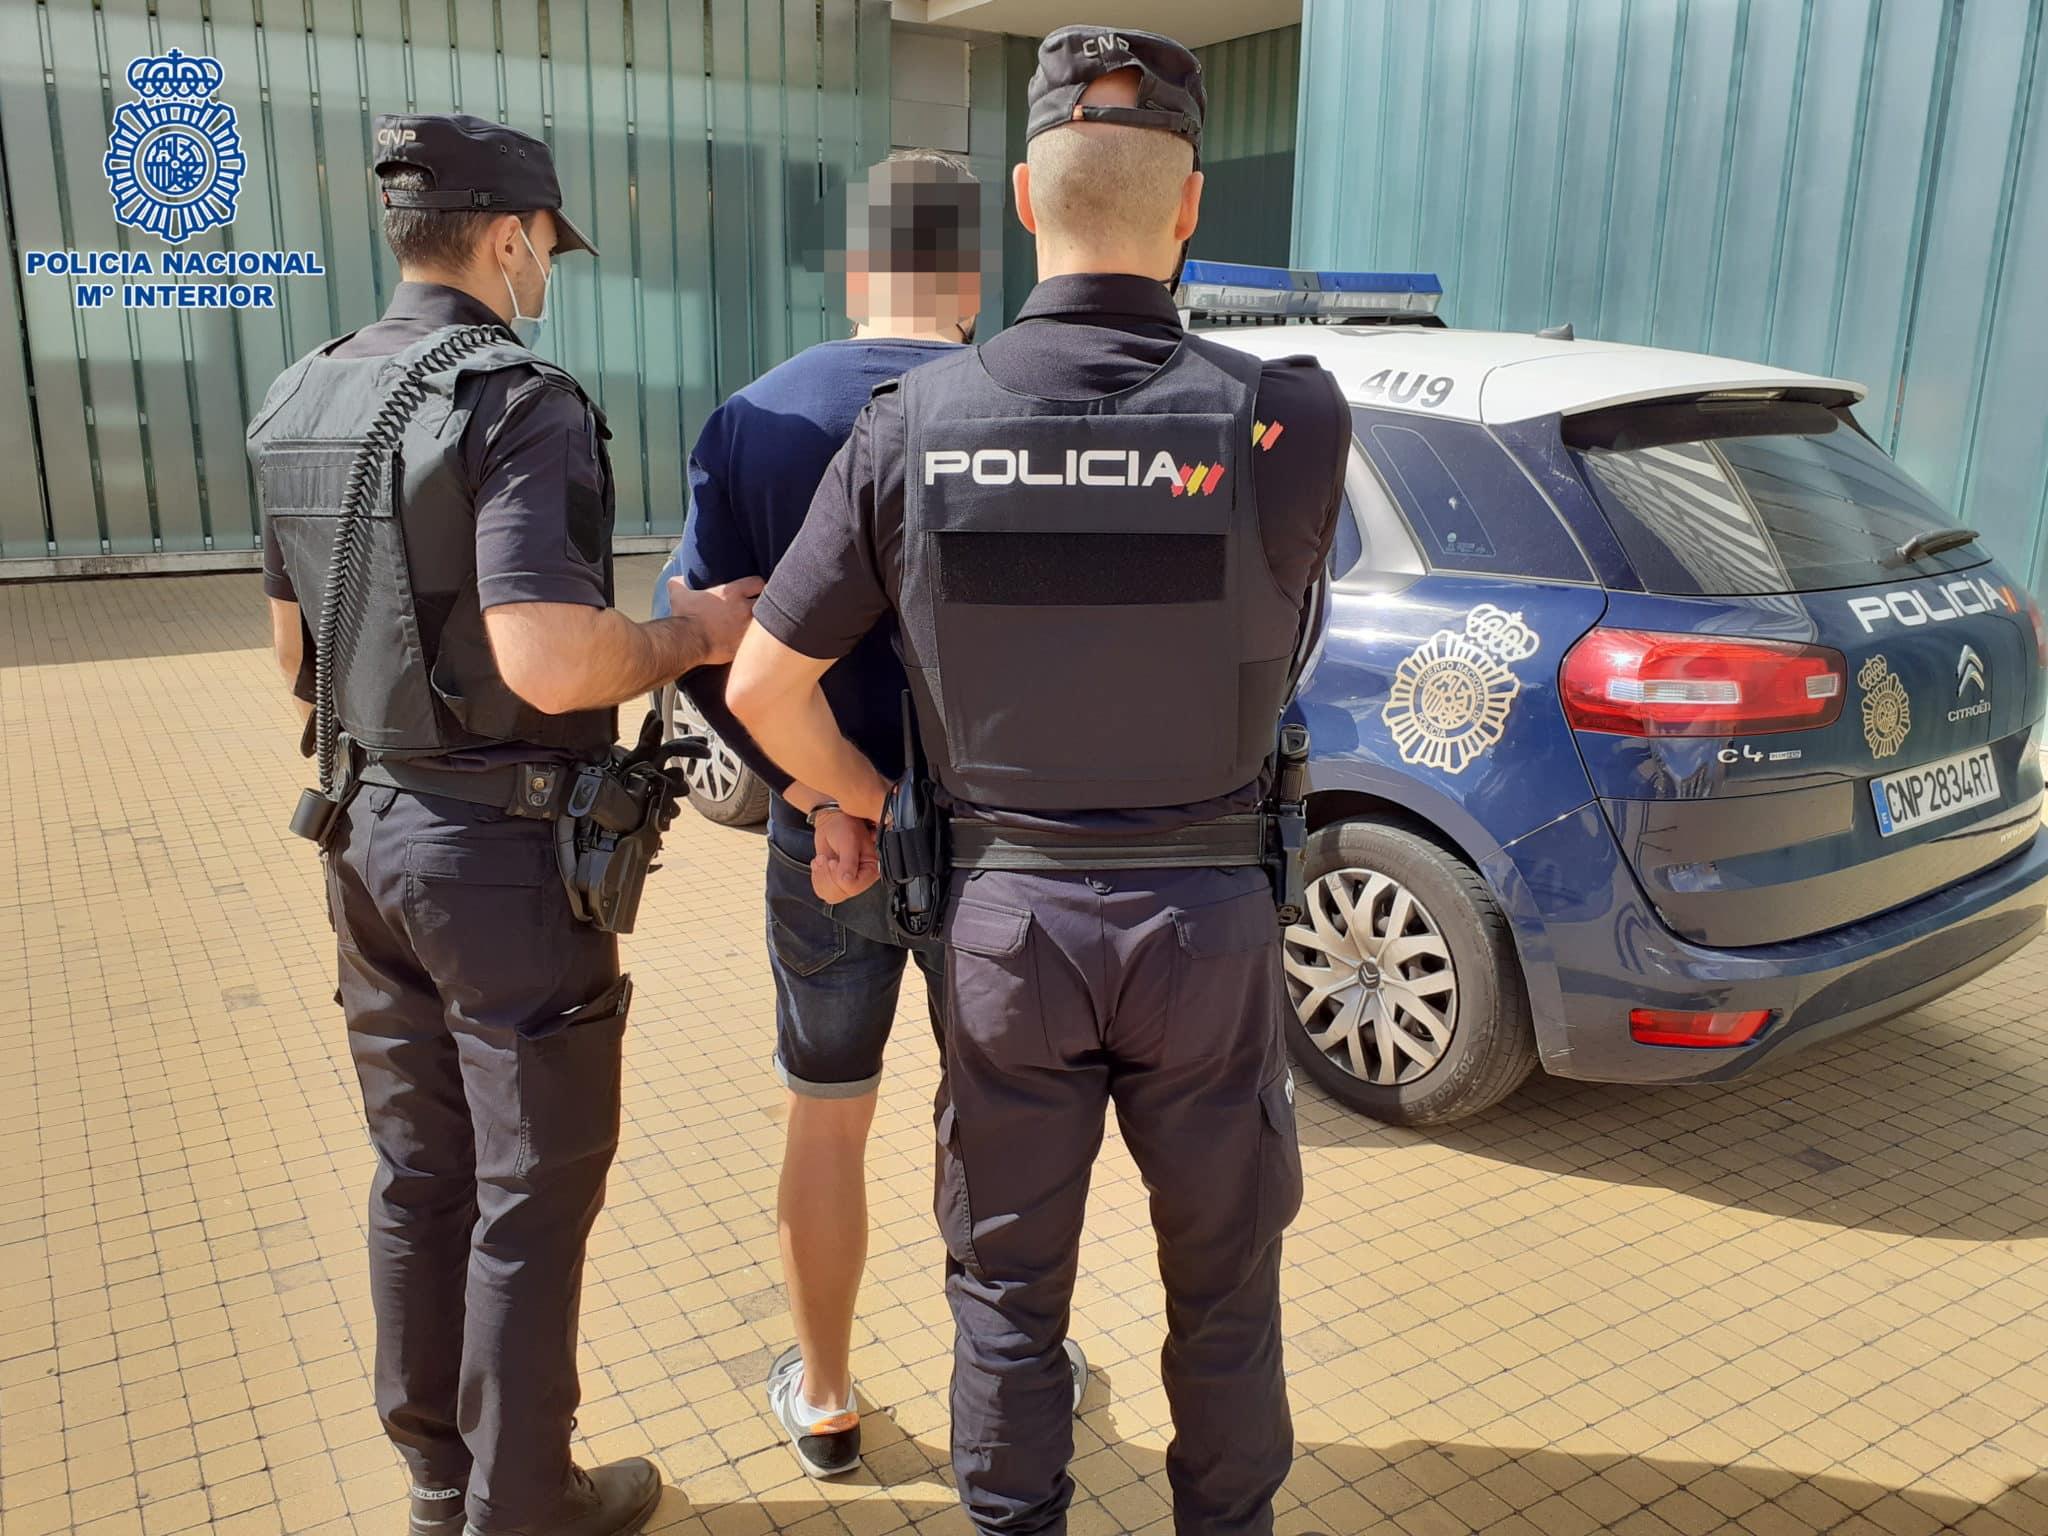 La Policía detiene a dos jóvenes por su participación en la venta de 30 joyas robadas 3